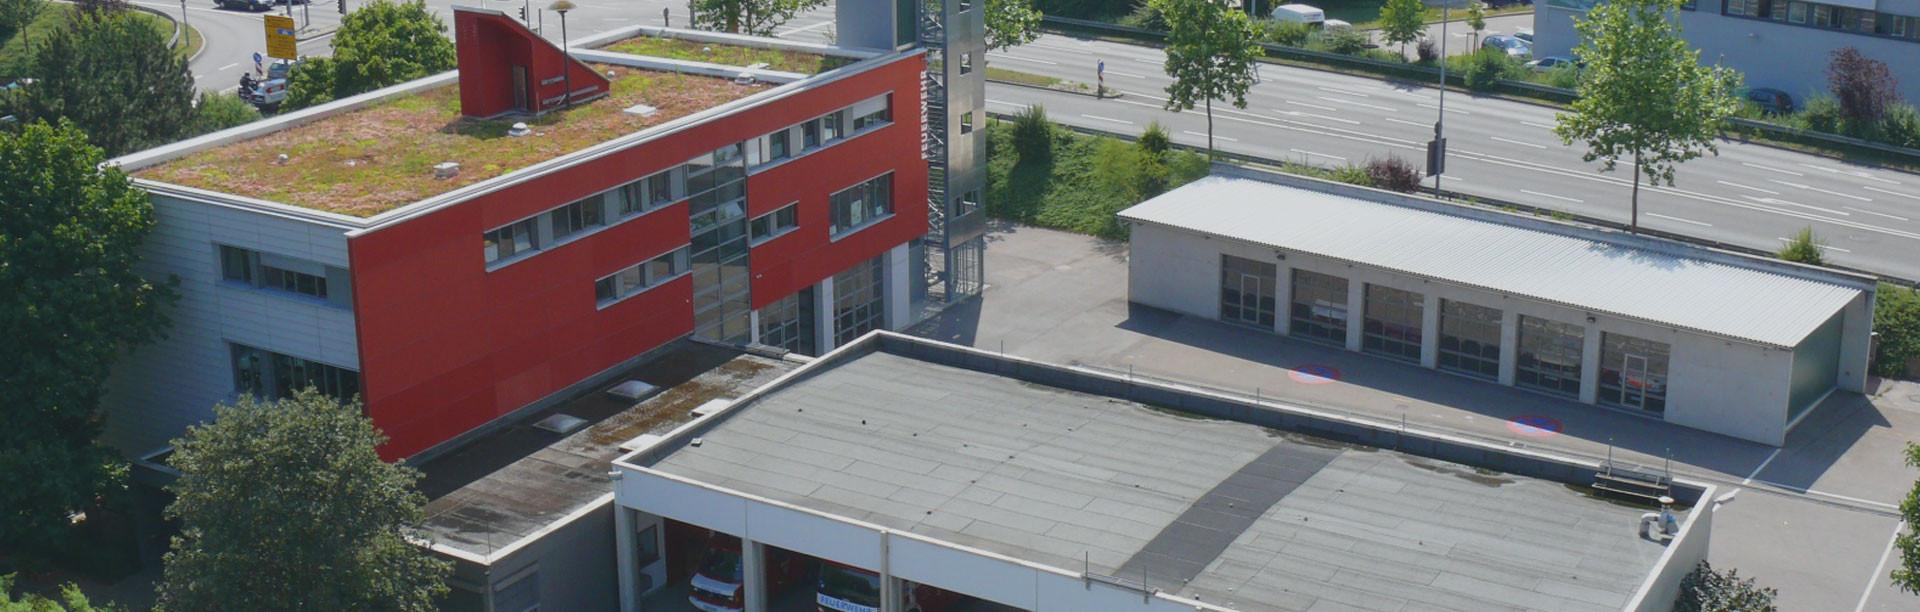 Geschichte Feuerwehr Bietigheim Bissingen